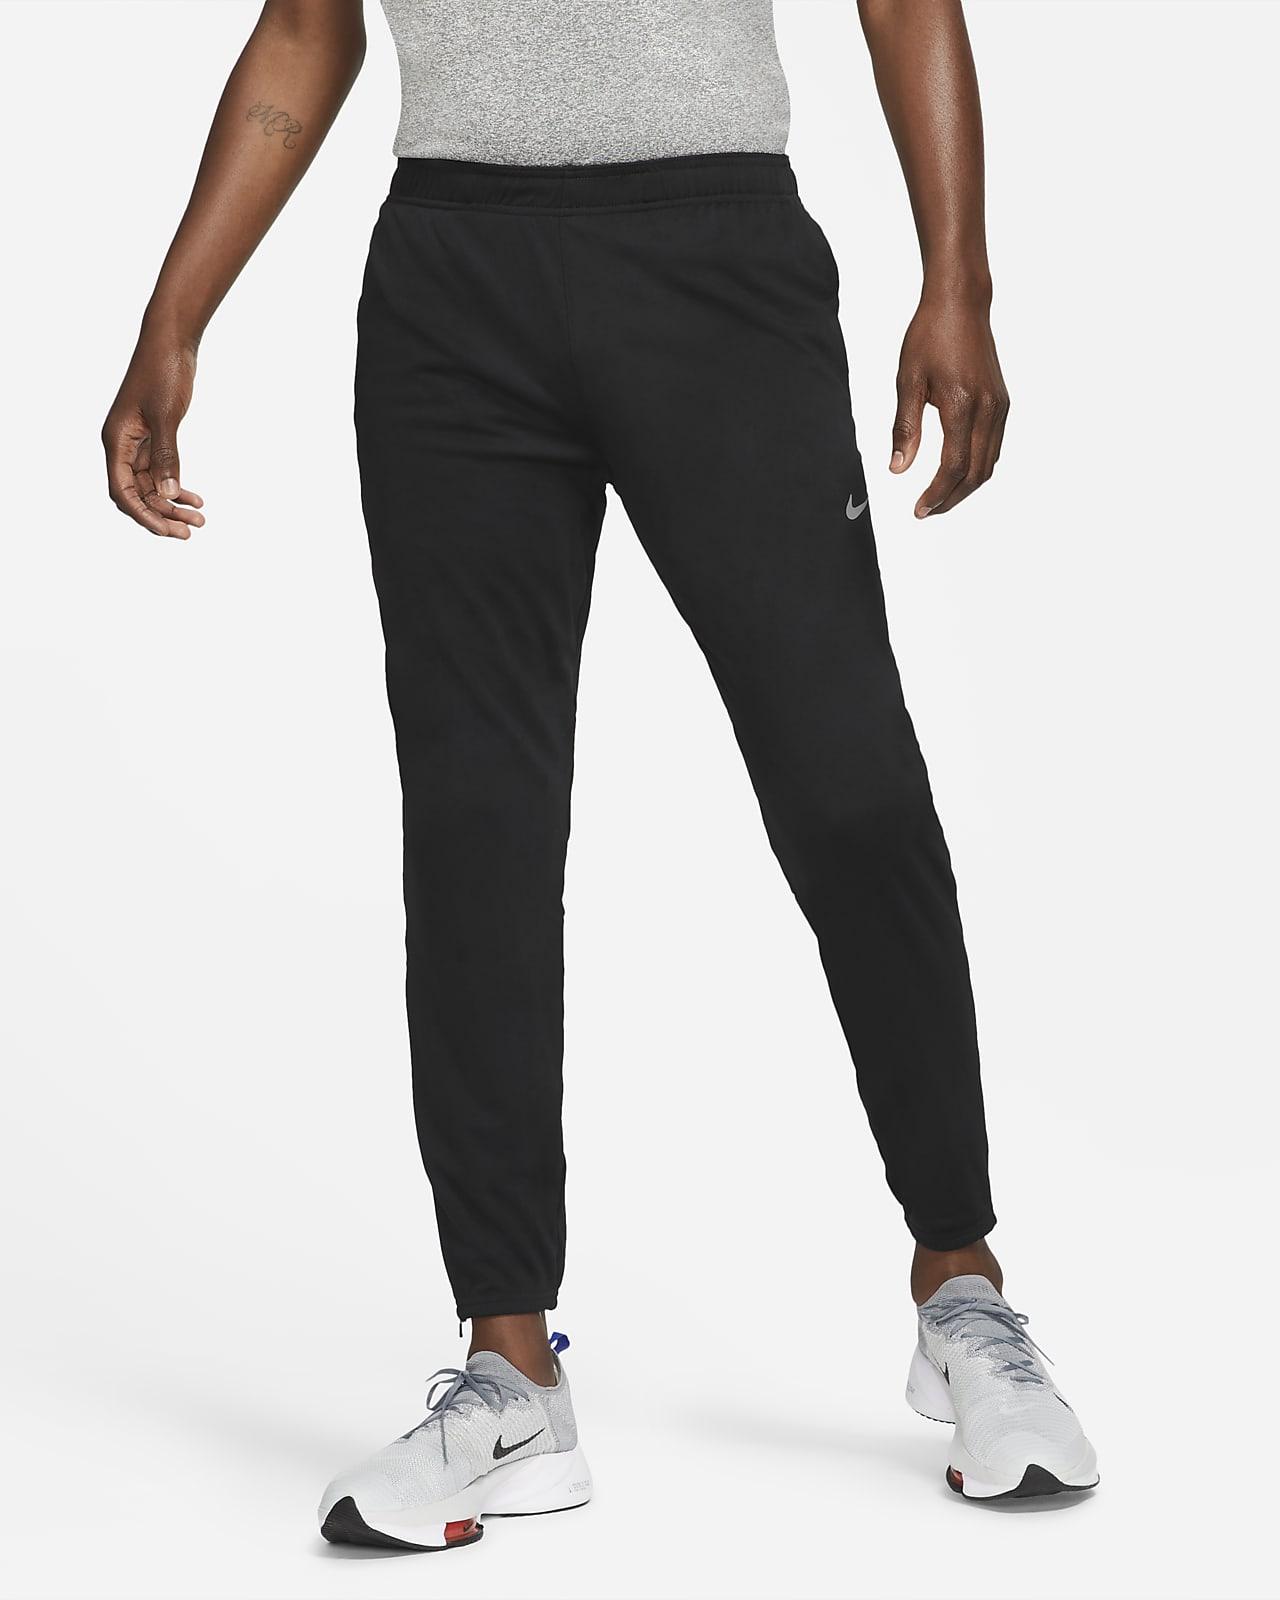 Pánské pleteninové běžecké kalhoty Nike Dri-FIT Challenger